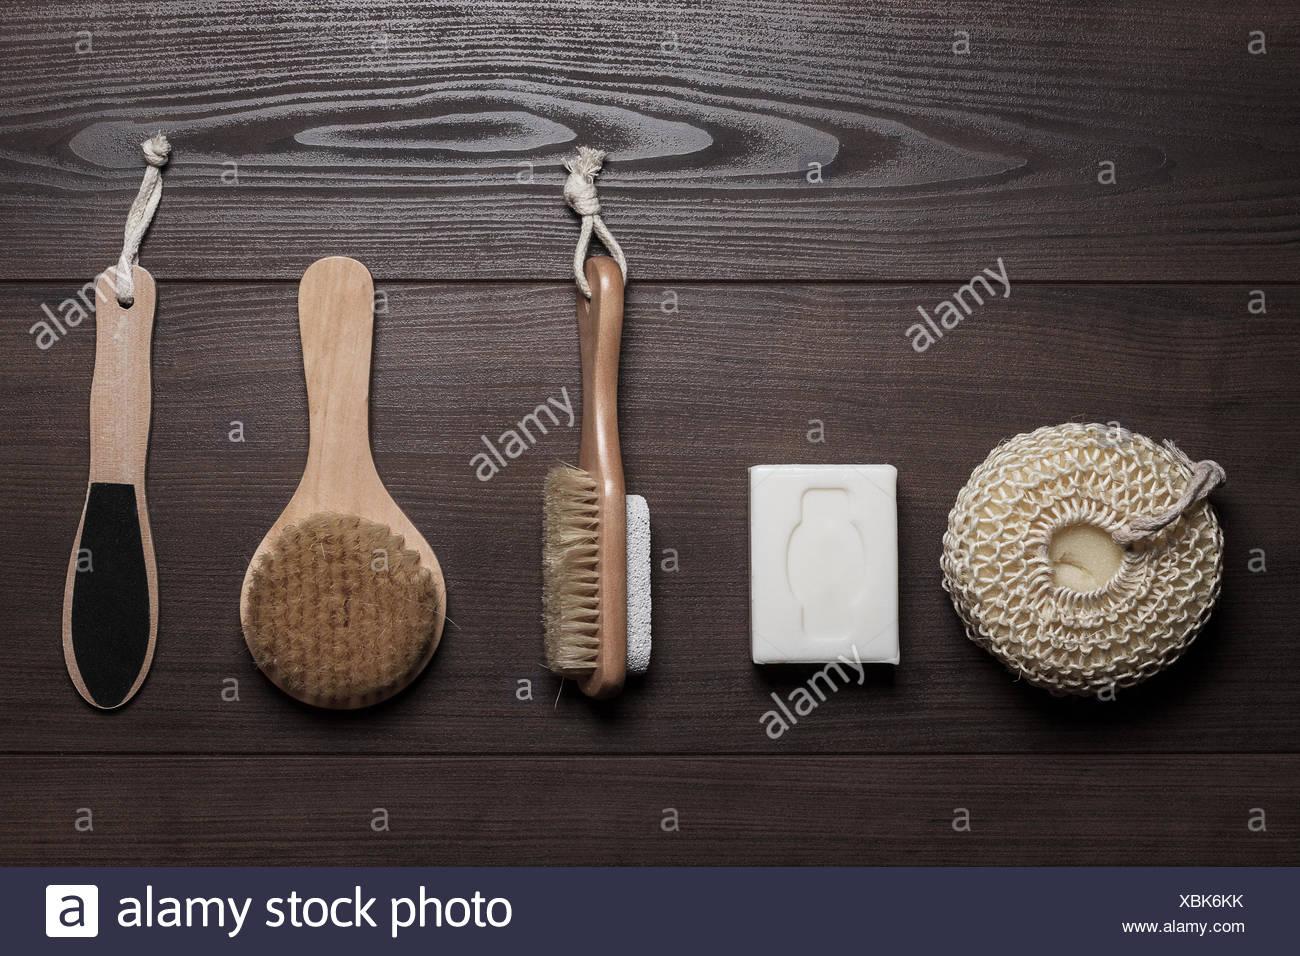 Accessori Bagno Marrone : Accessori per il bagno su il marrone di sfondo di legno foto